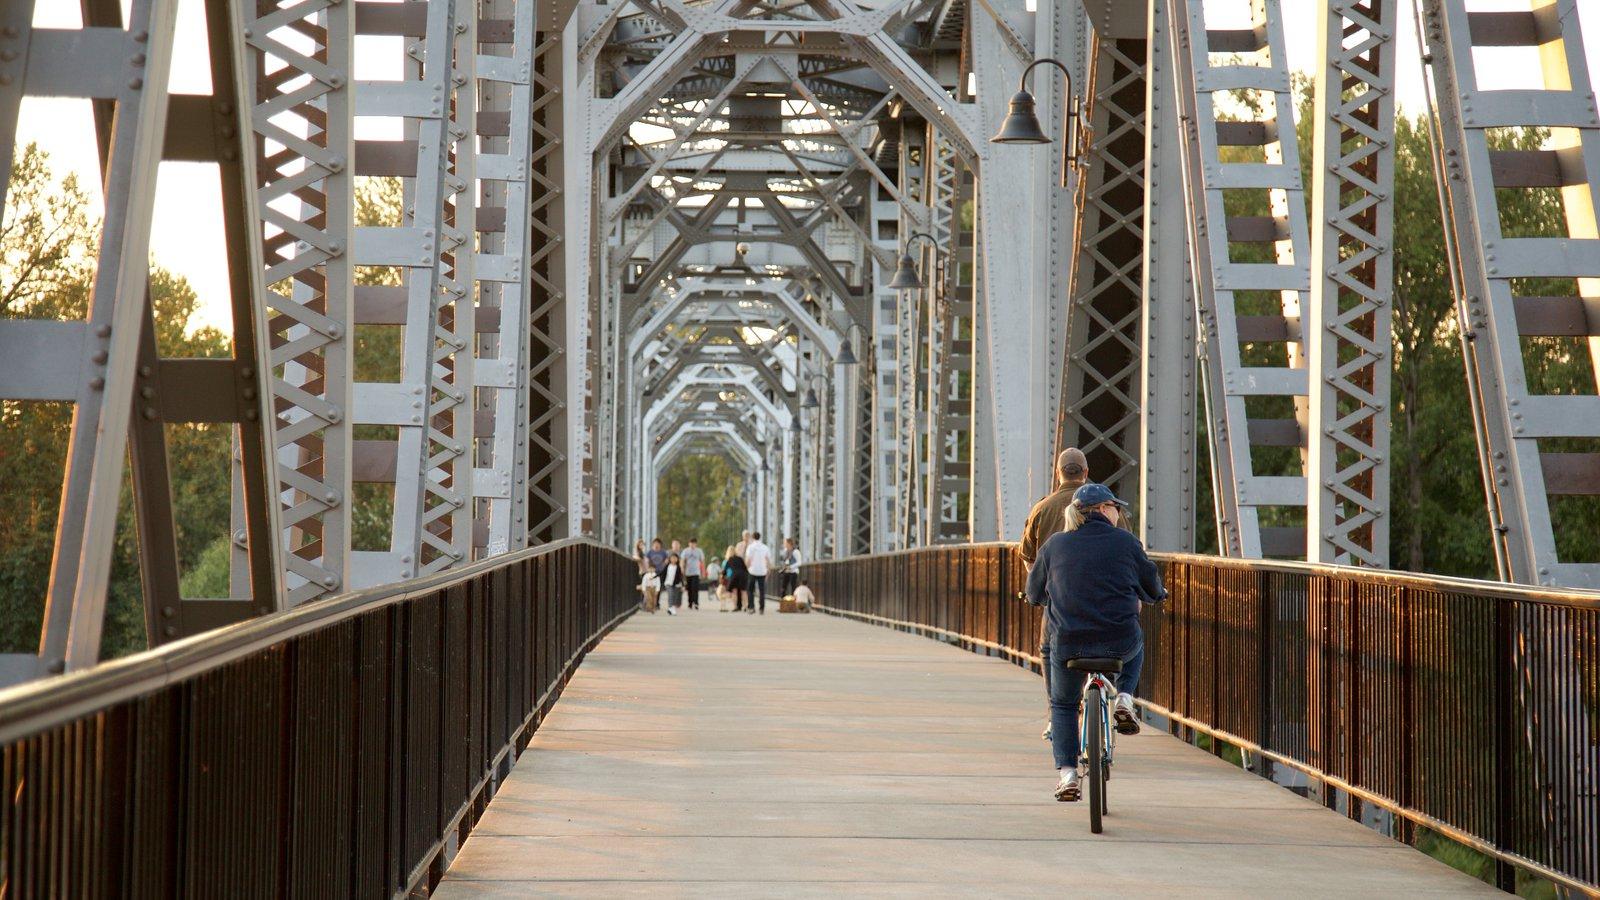 Salem que incluye ciclismo y un puente